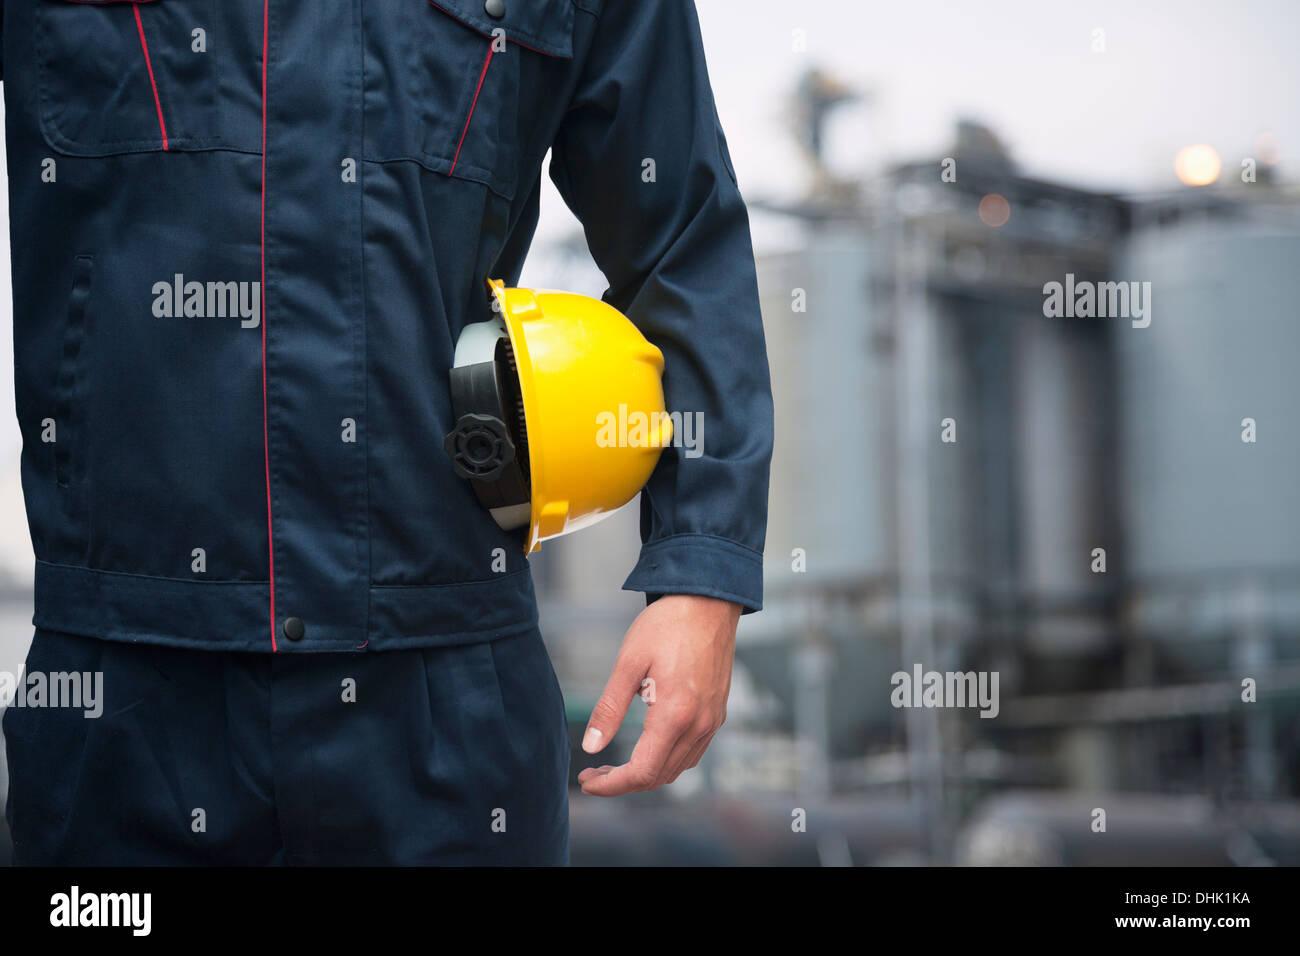 Parte media de joven trabajador sosteniendo un casco amarillo afuera, con fábrica en el fondo Imagen De Stock